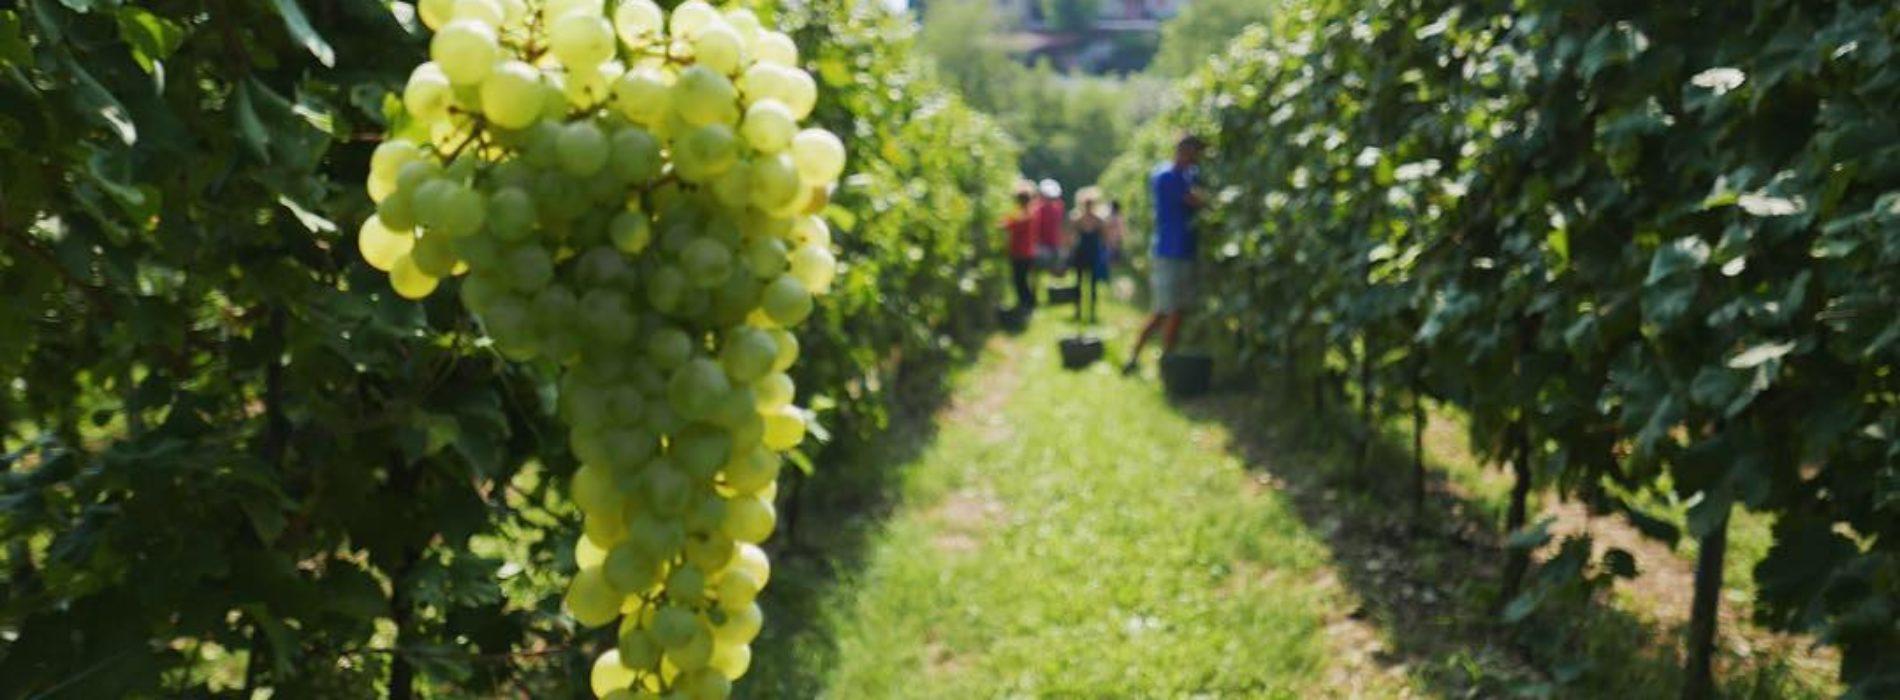 Cos'è il vino ancestrale e il nuovo Nynphe di Giangirolami